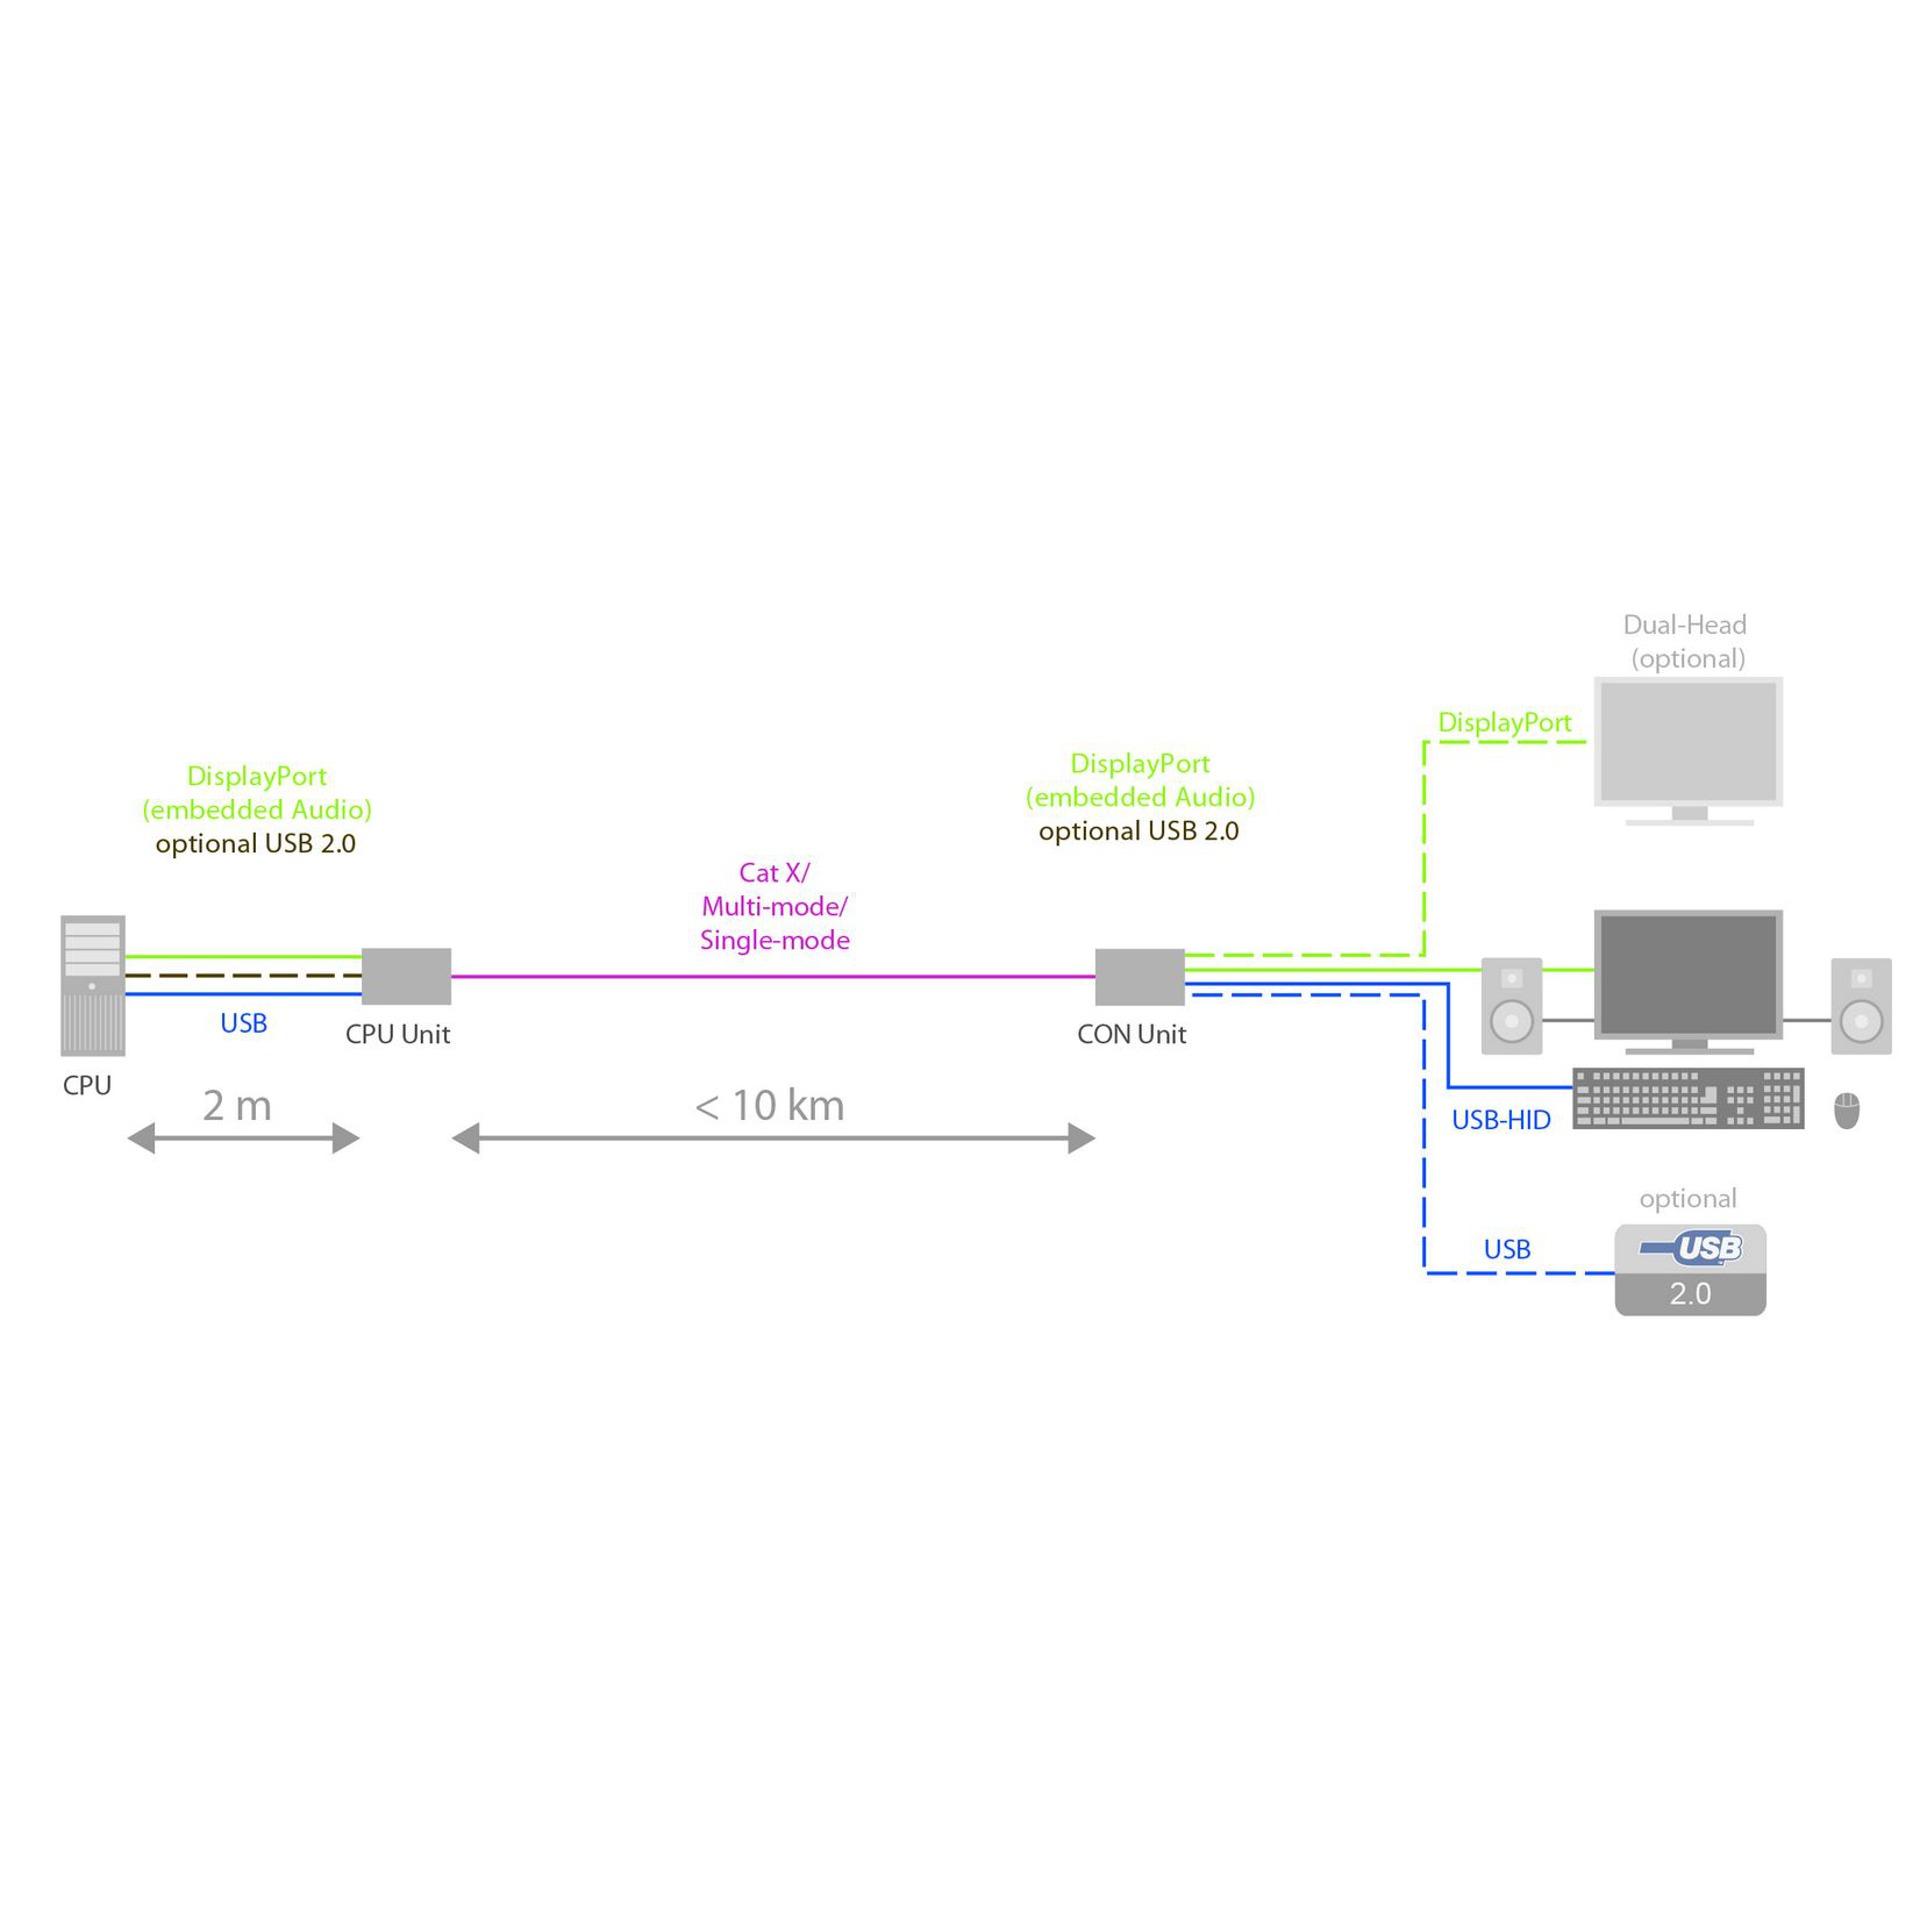 Fein Draht Awg Diagramm Zeitgenössisch - Der Schaltplan - greigo.com